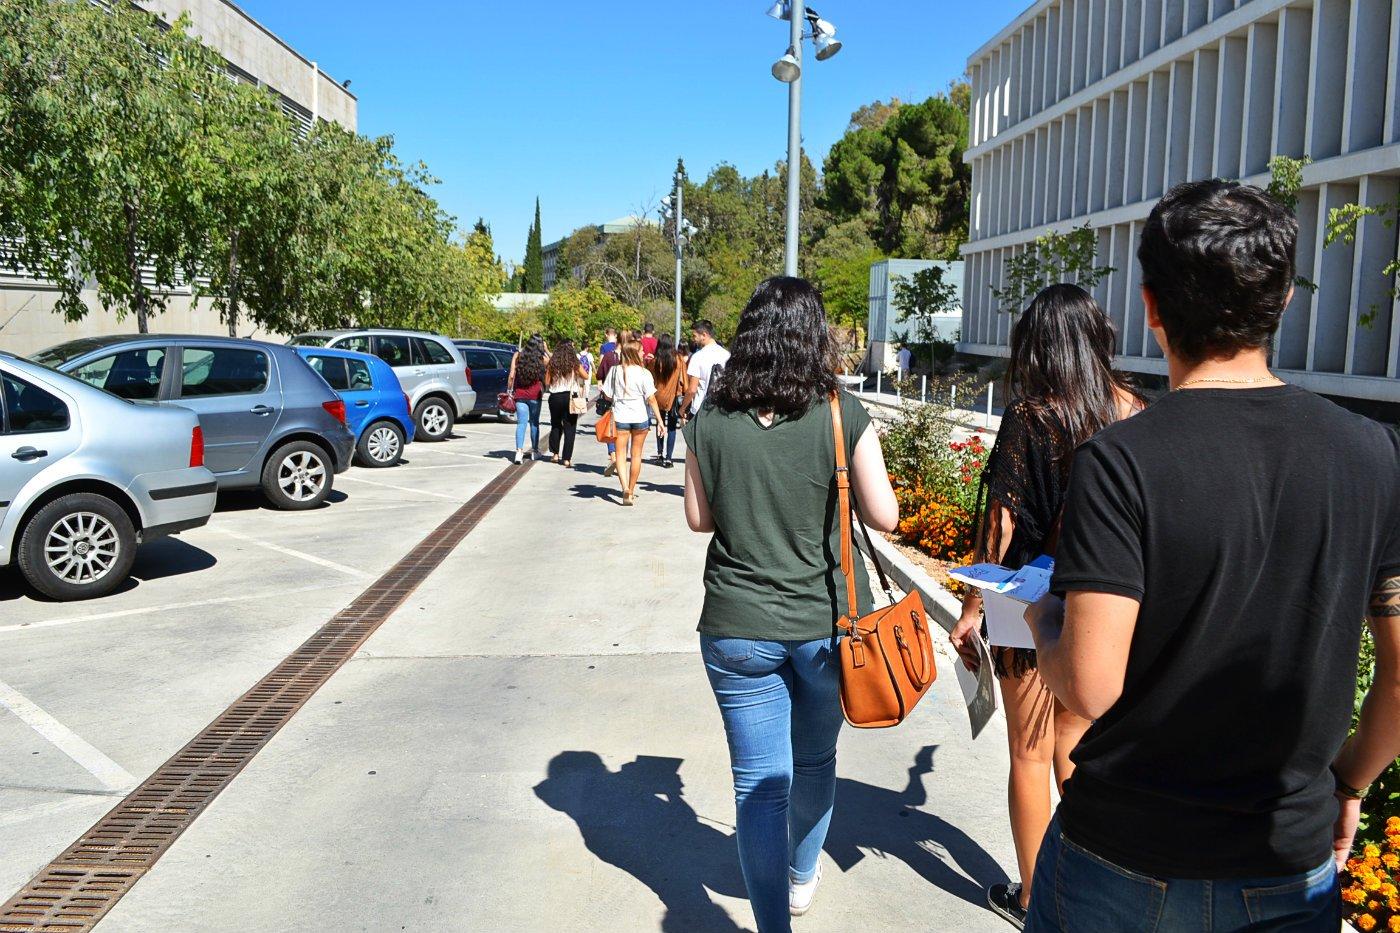 Tutaj już po prezentacji studenci pomagali nam odnaleźć przystanek autobusowy i wyjaśnili jak daleko i długo mamy jechać, żeby dojechać do urzędu miasta.